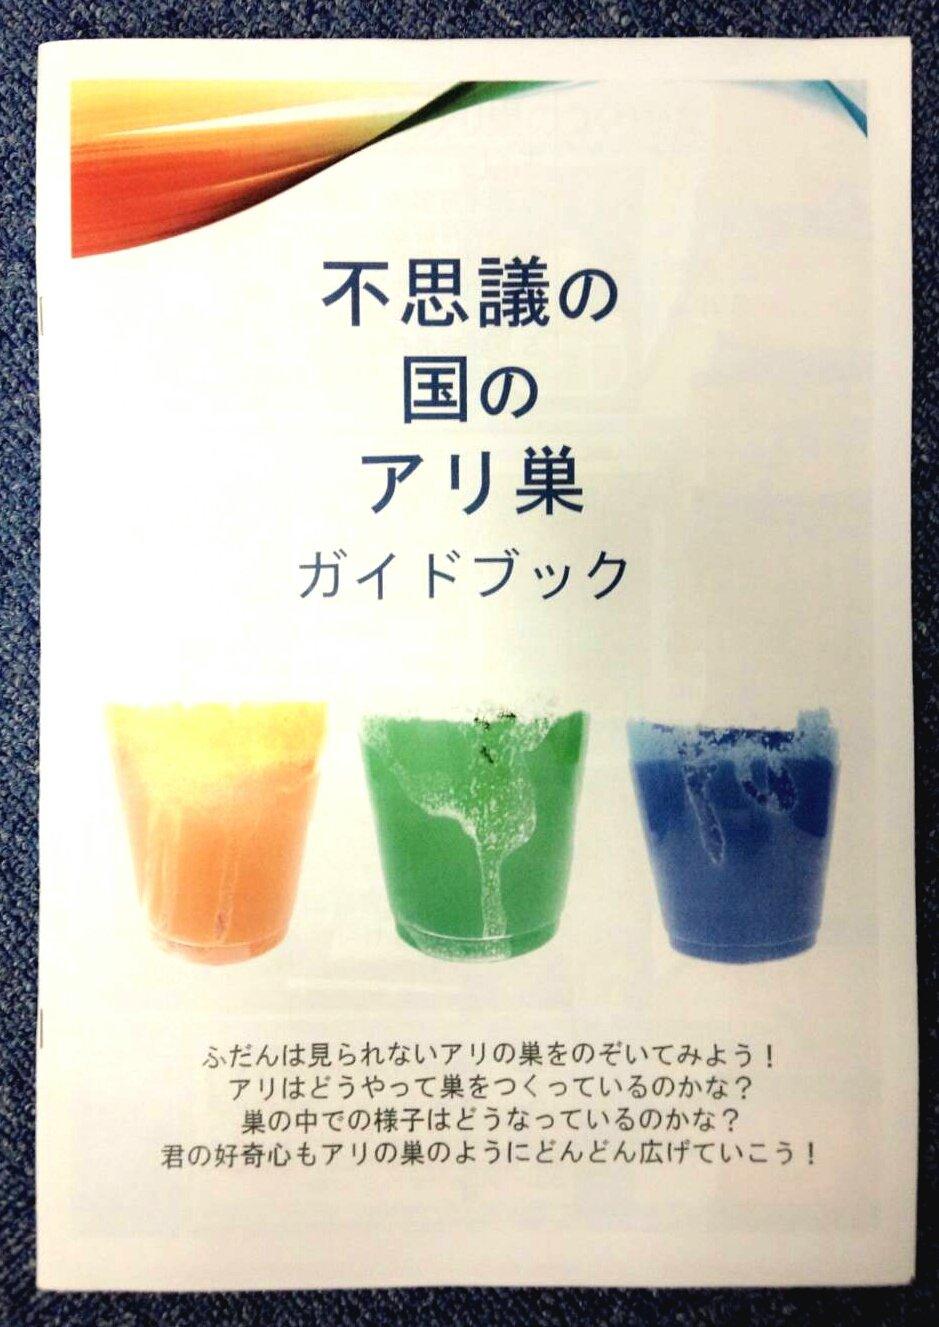 2018_生物教材ワーク開発部_01